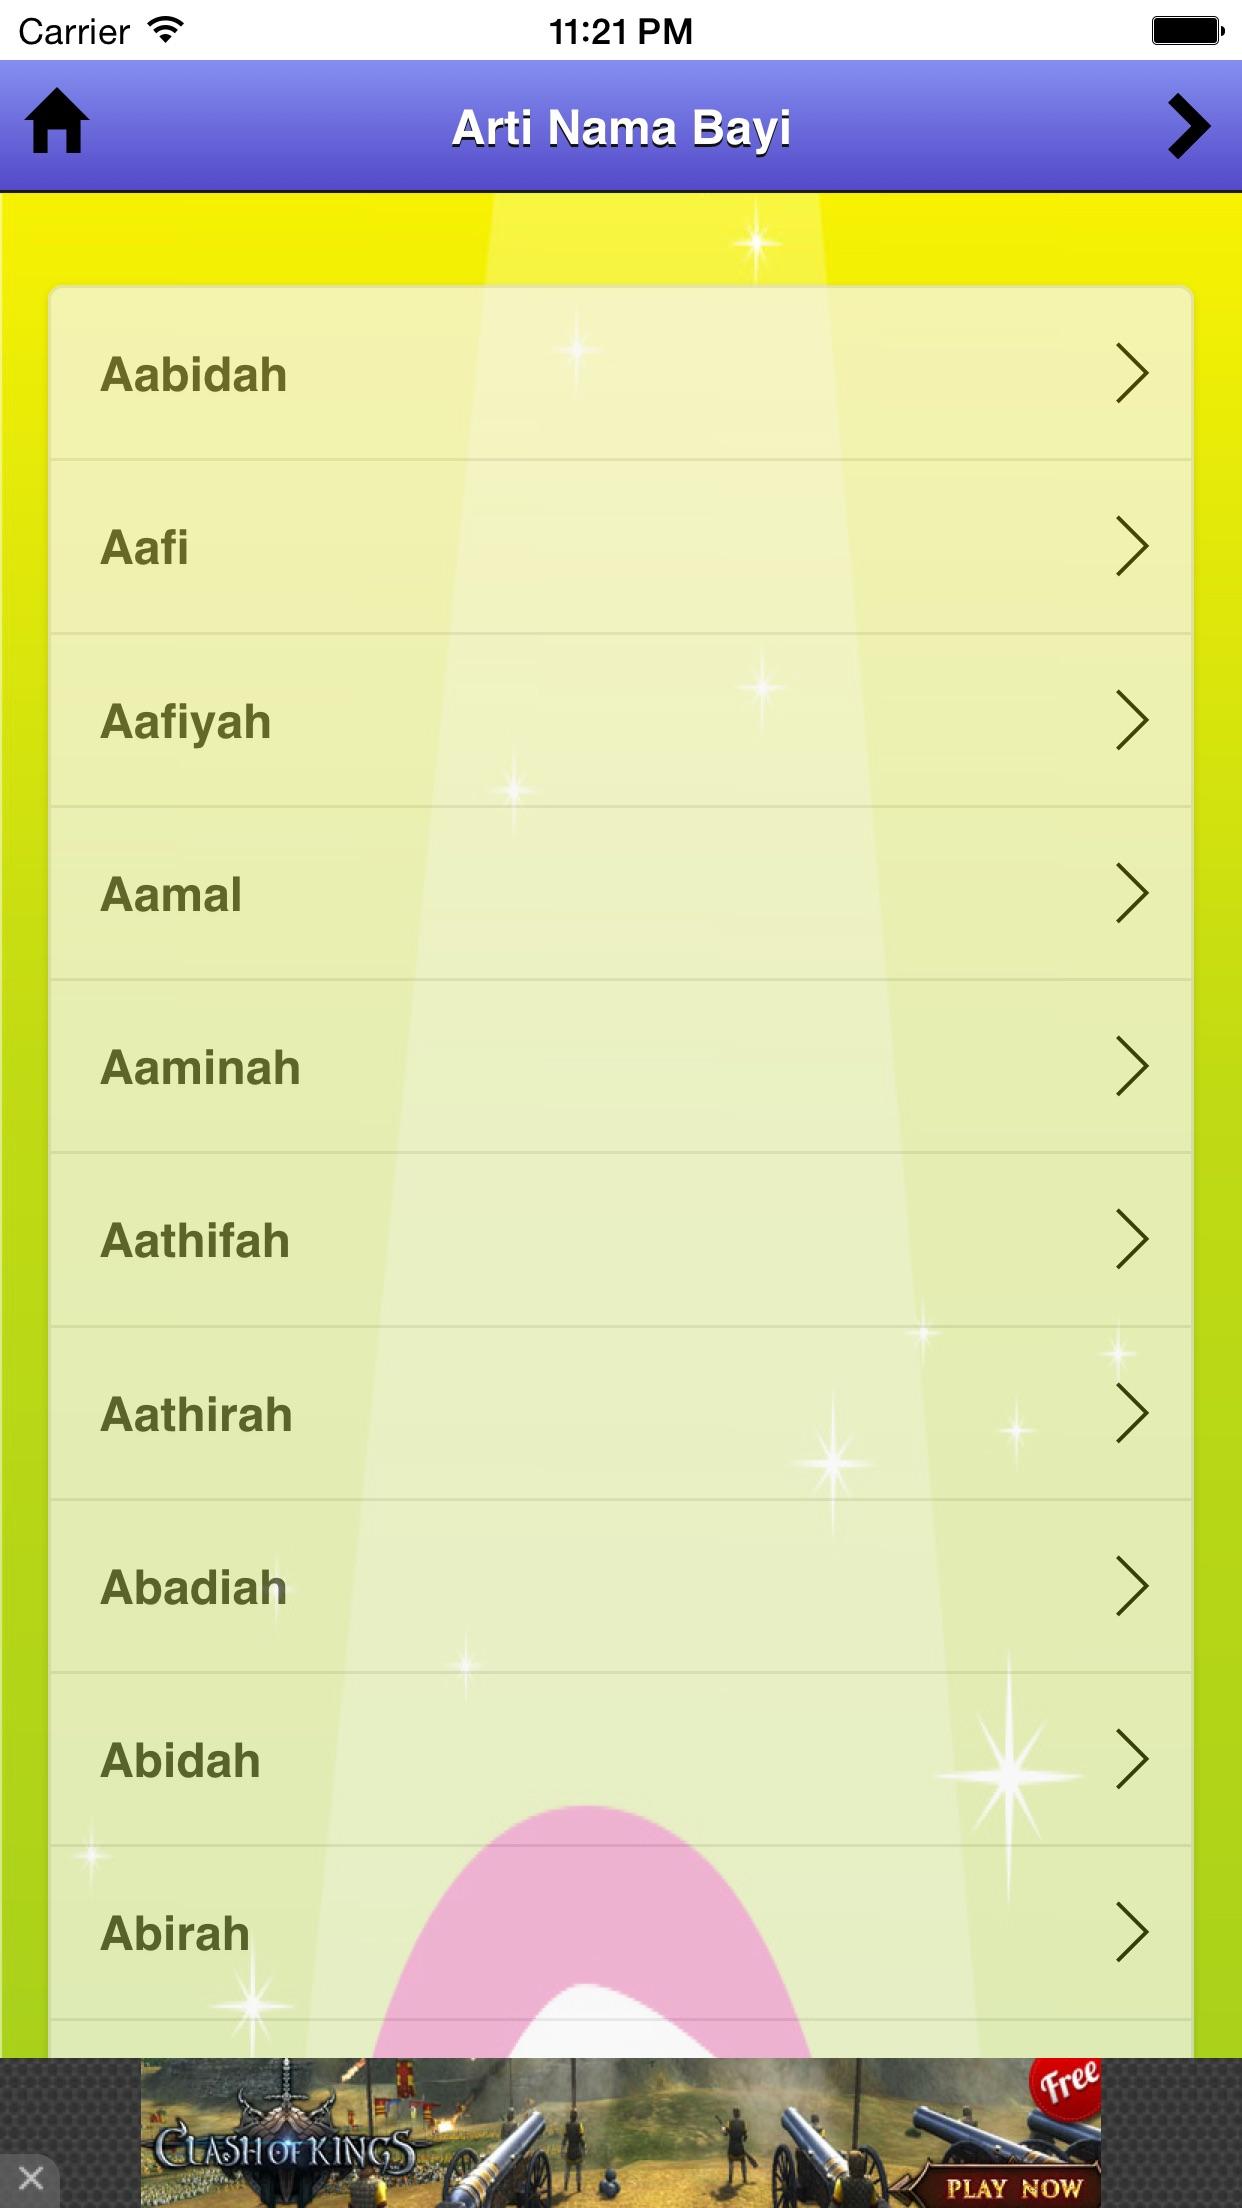 Arti Nama Bayi Screenshot